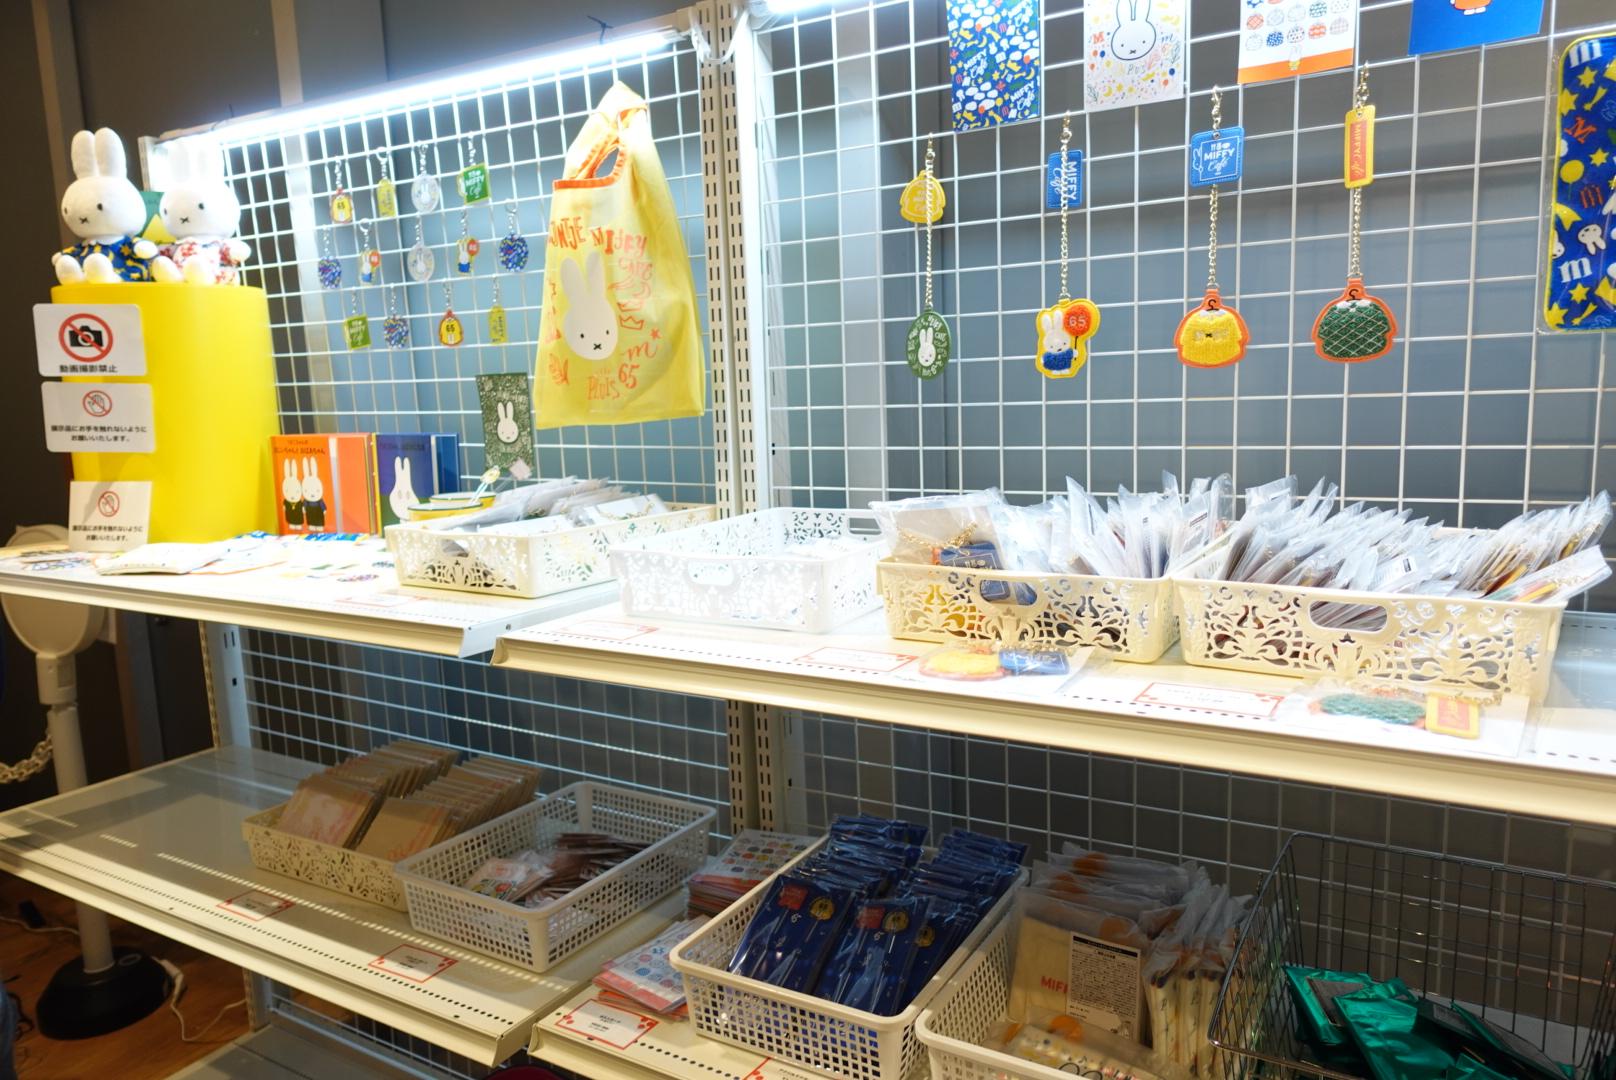 大阪上陸!『MIFFY cafe』ミッフィー65周年を記念してオープン!オランダ料理やグッズが盛りだくさん!かわいすぎるし期間限定なので早く予約してみてね_6